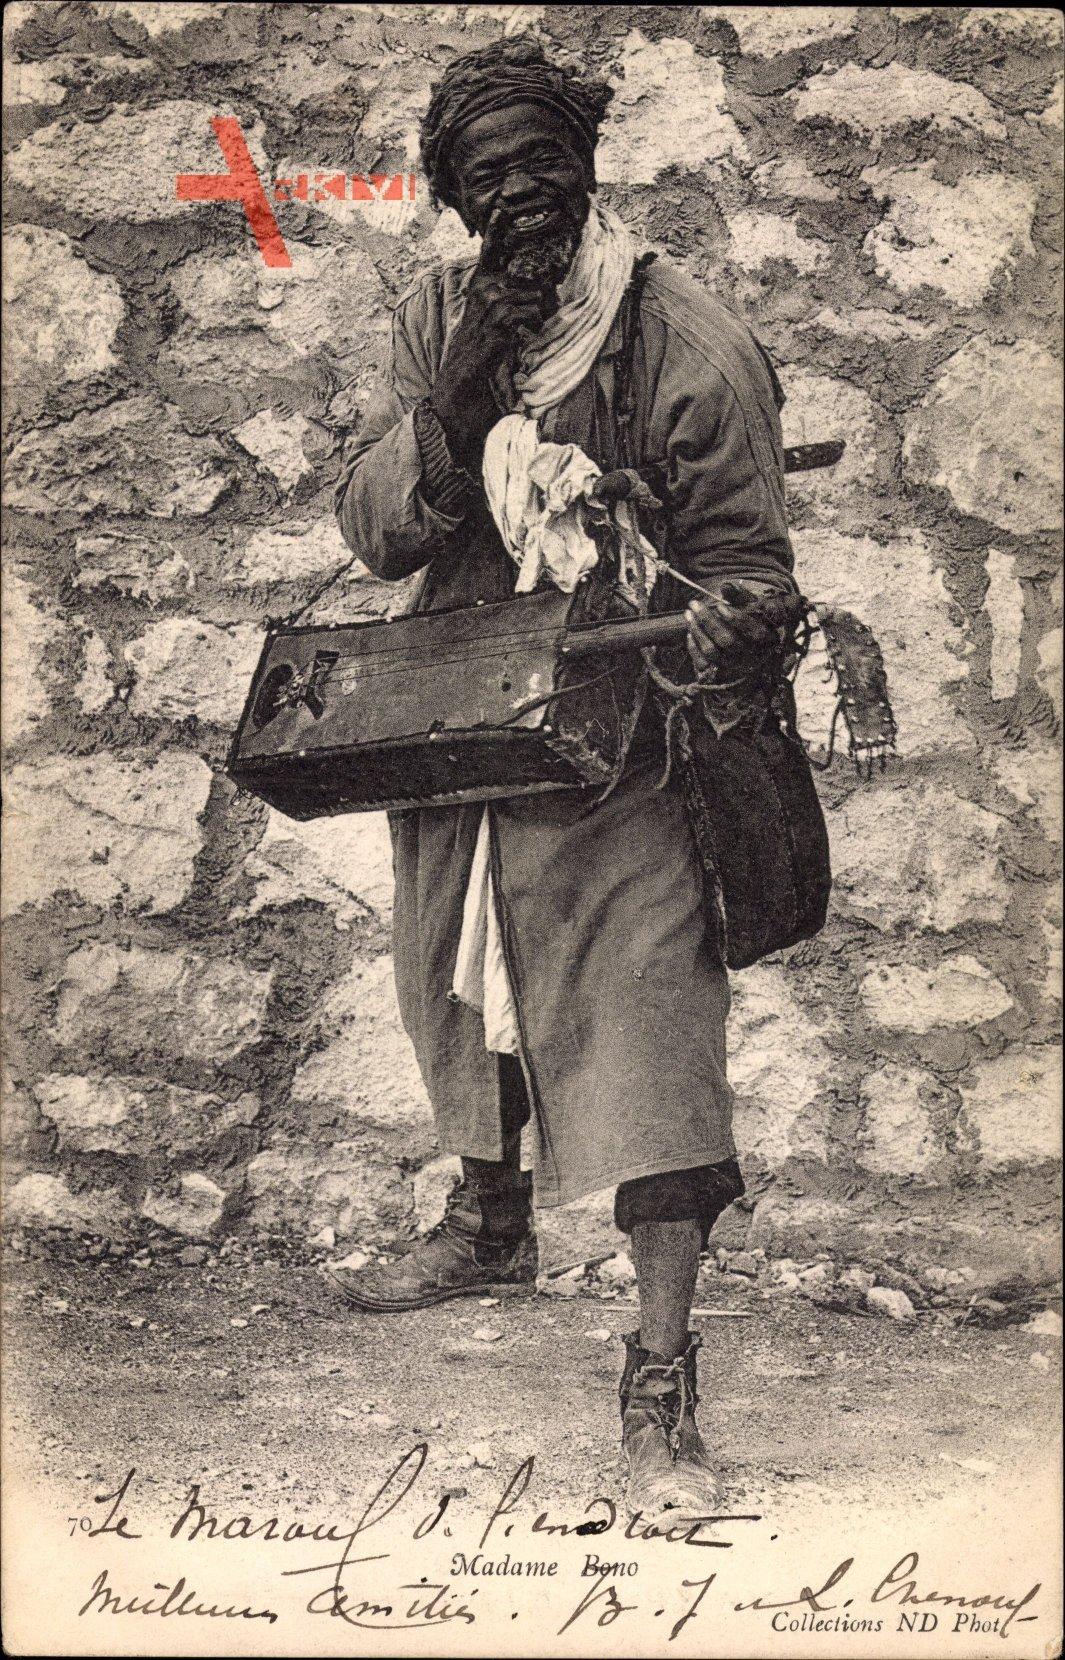 Algerien, Madame Bono, Algerischer Musiker, Zupfinstrument, Neurdein